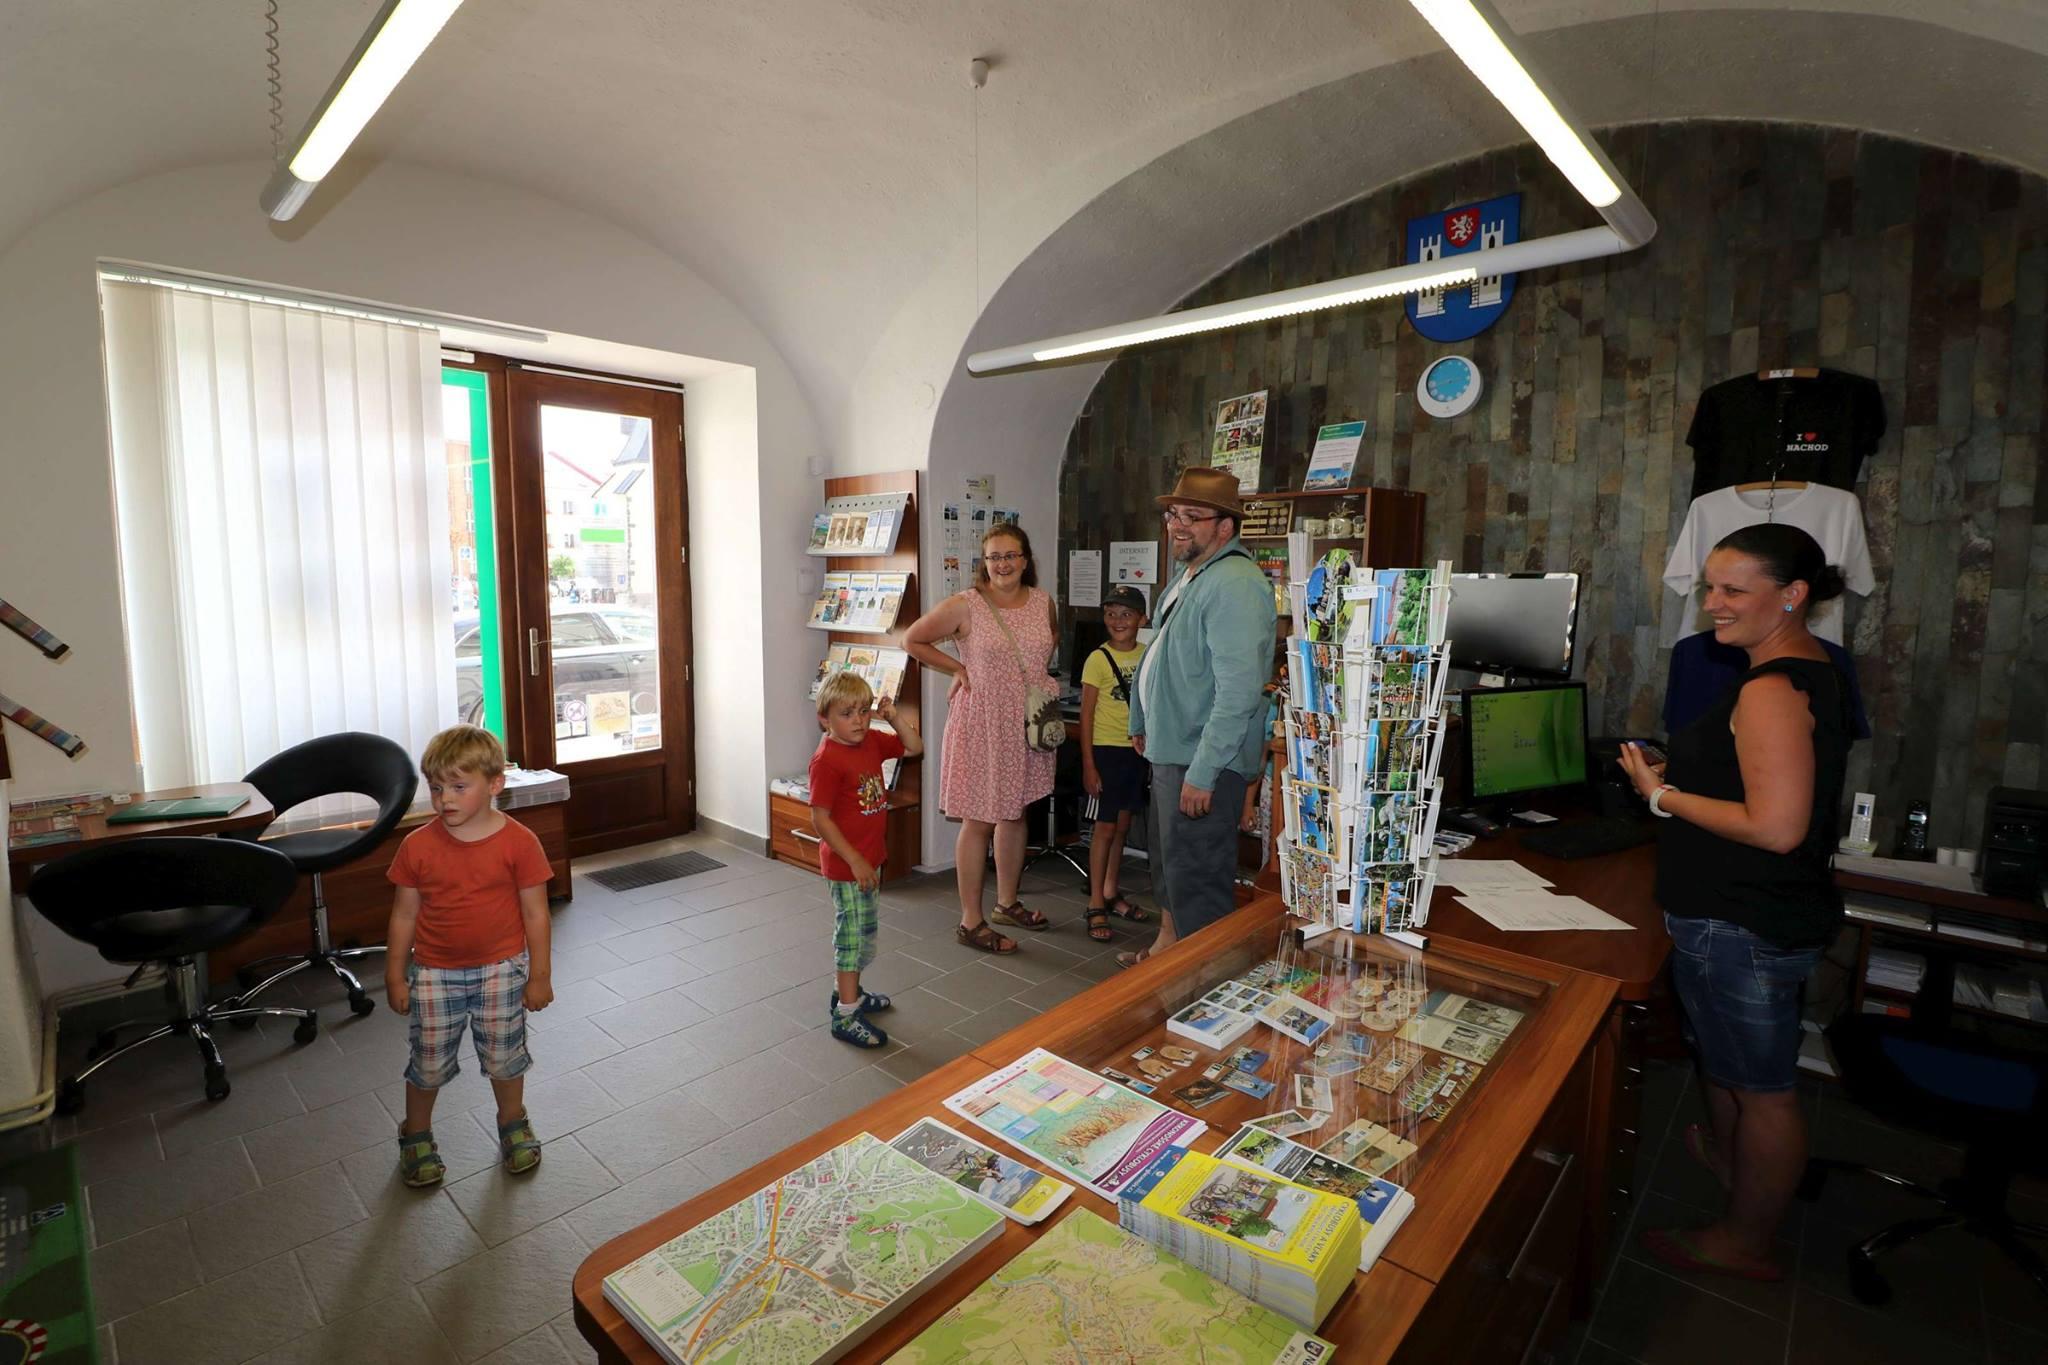 Letní otevírací doba v Městském informačním centru